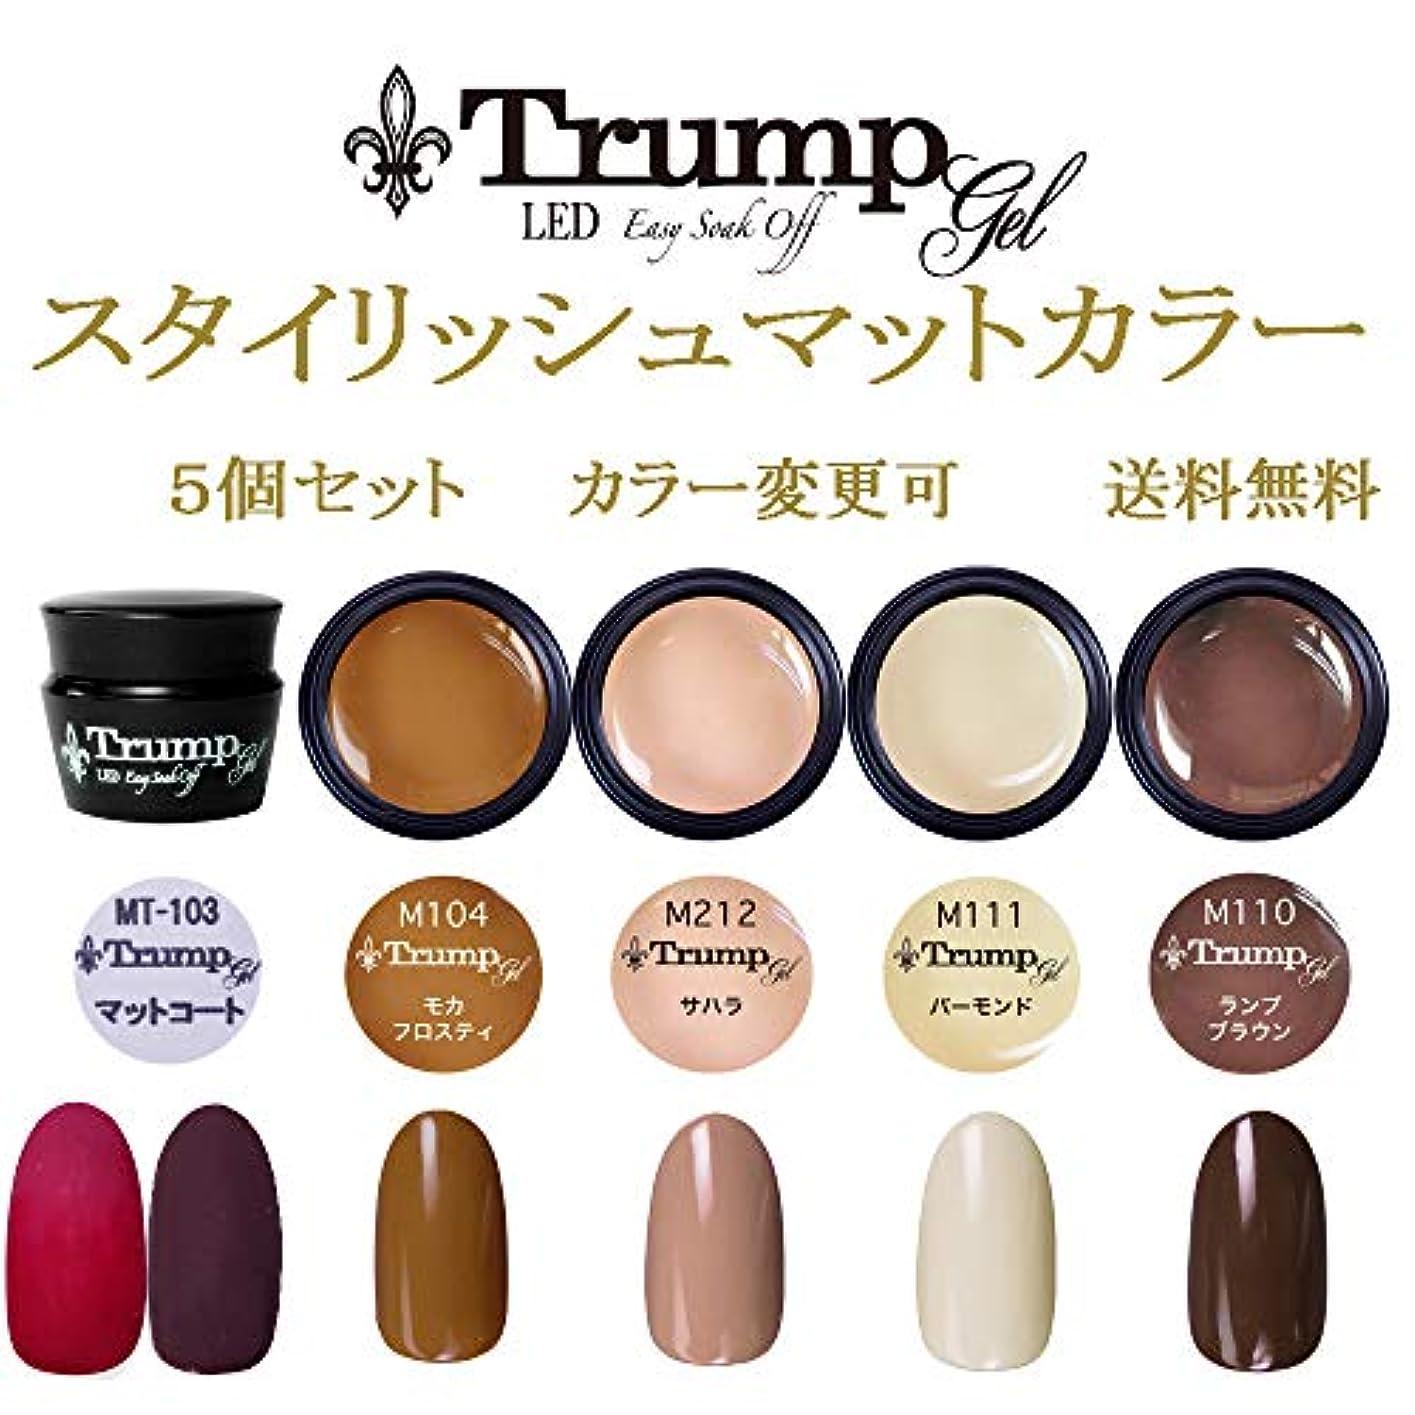 黙認するびっくりする目を覚ます【送料無料】日本製 Trump gel トランプジェル スタイリッシュマットカラージェル5個セット 5個セット マットカラー ベージュ ブラウン マスタード カラー